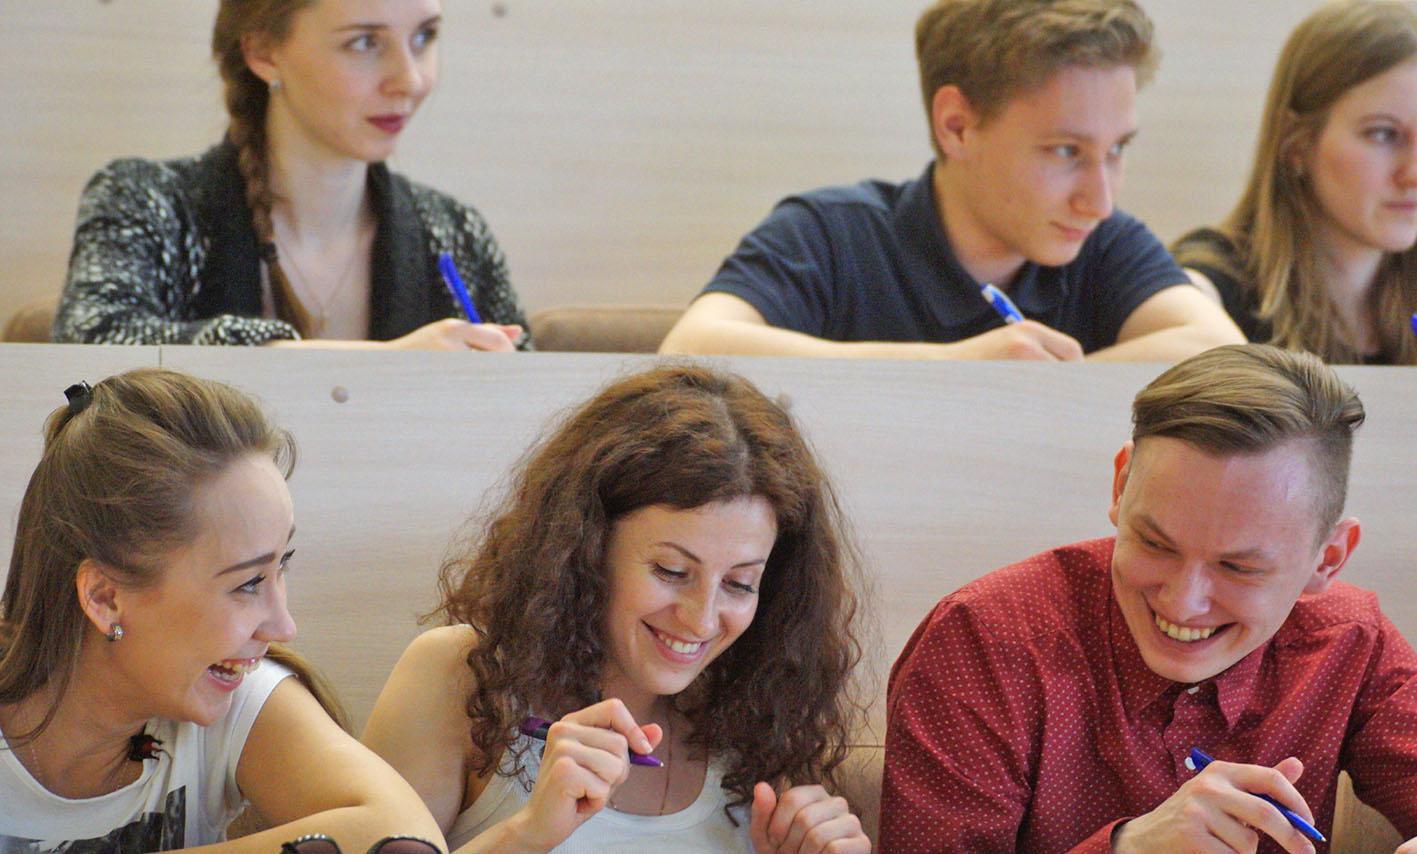 Студентки веселятся после экзамена, Студентки после экзамена » Порно видео онлайн 27 фотография